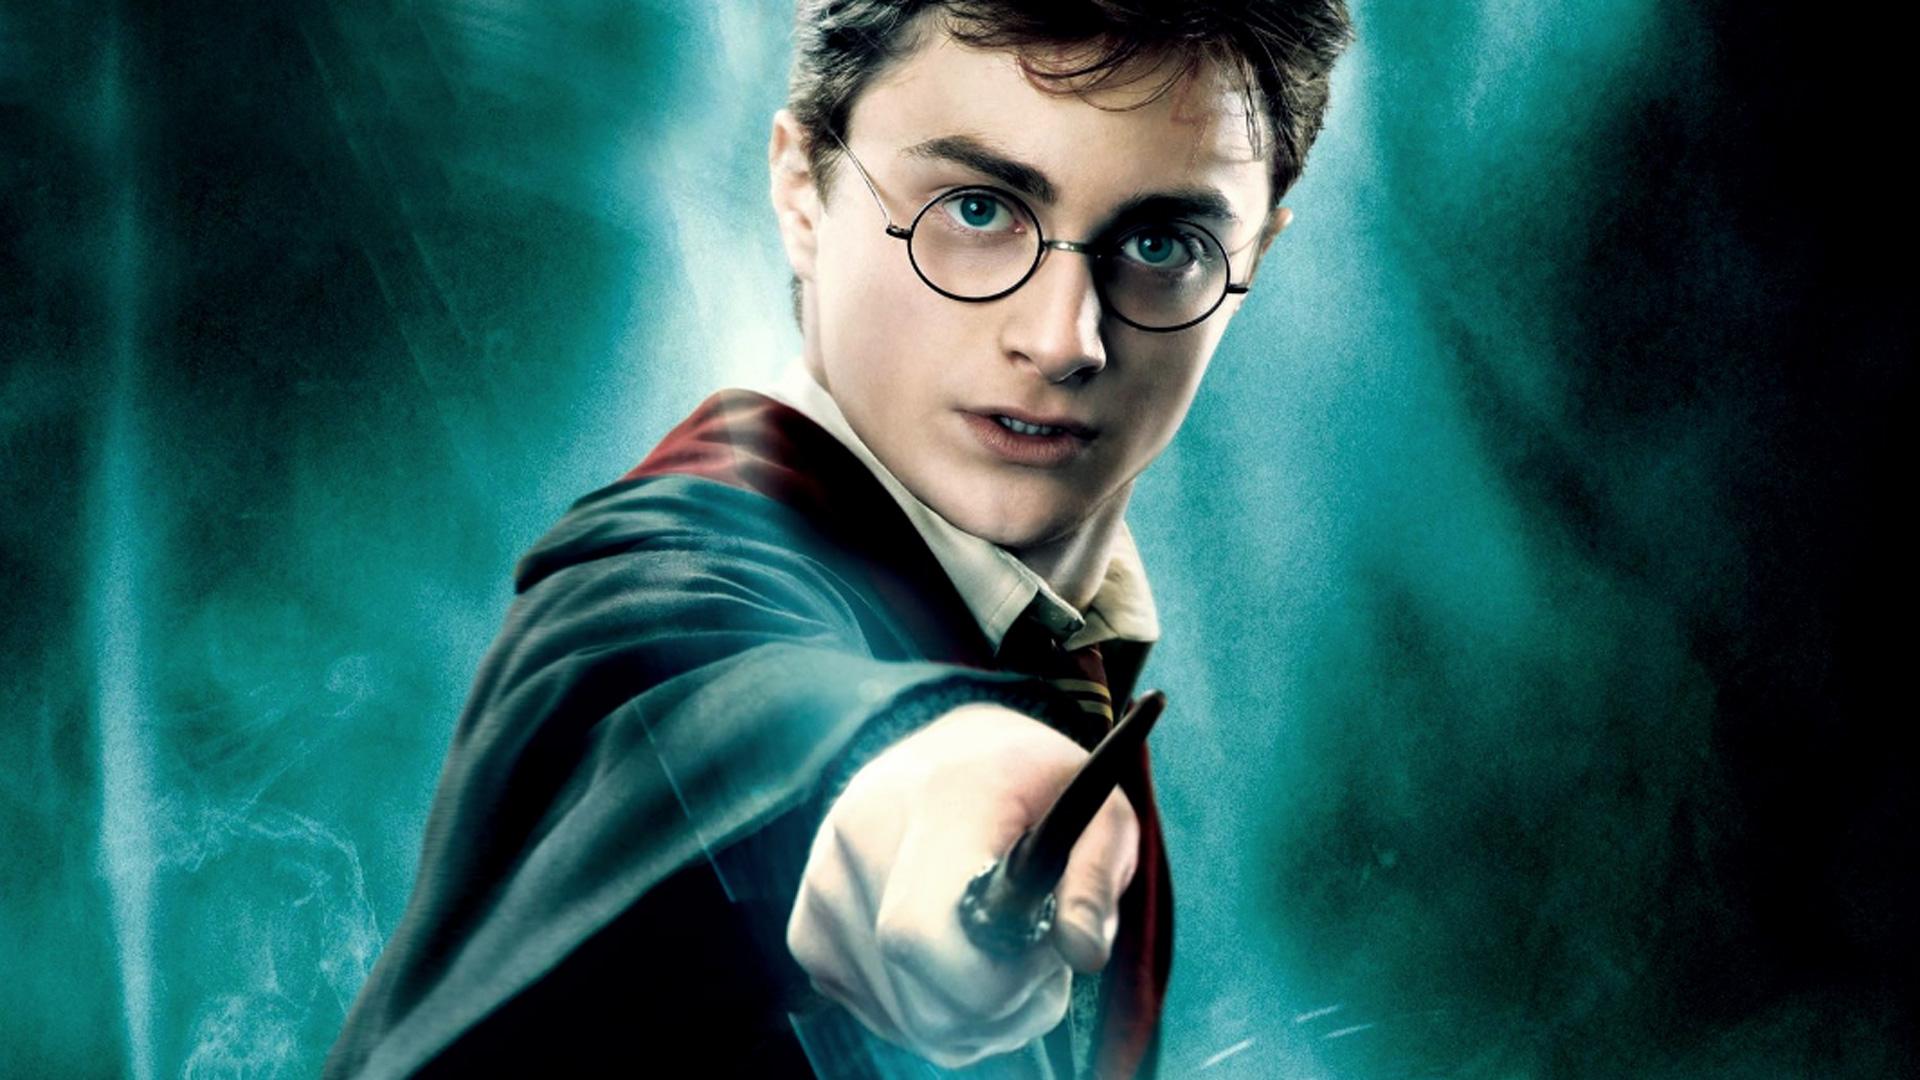 Imperdible: las 8 películas de Harry Potter en 90 segundos - Infobae